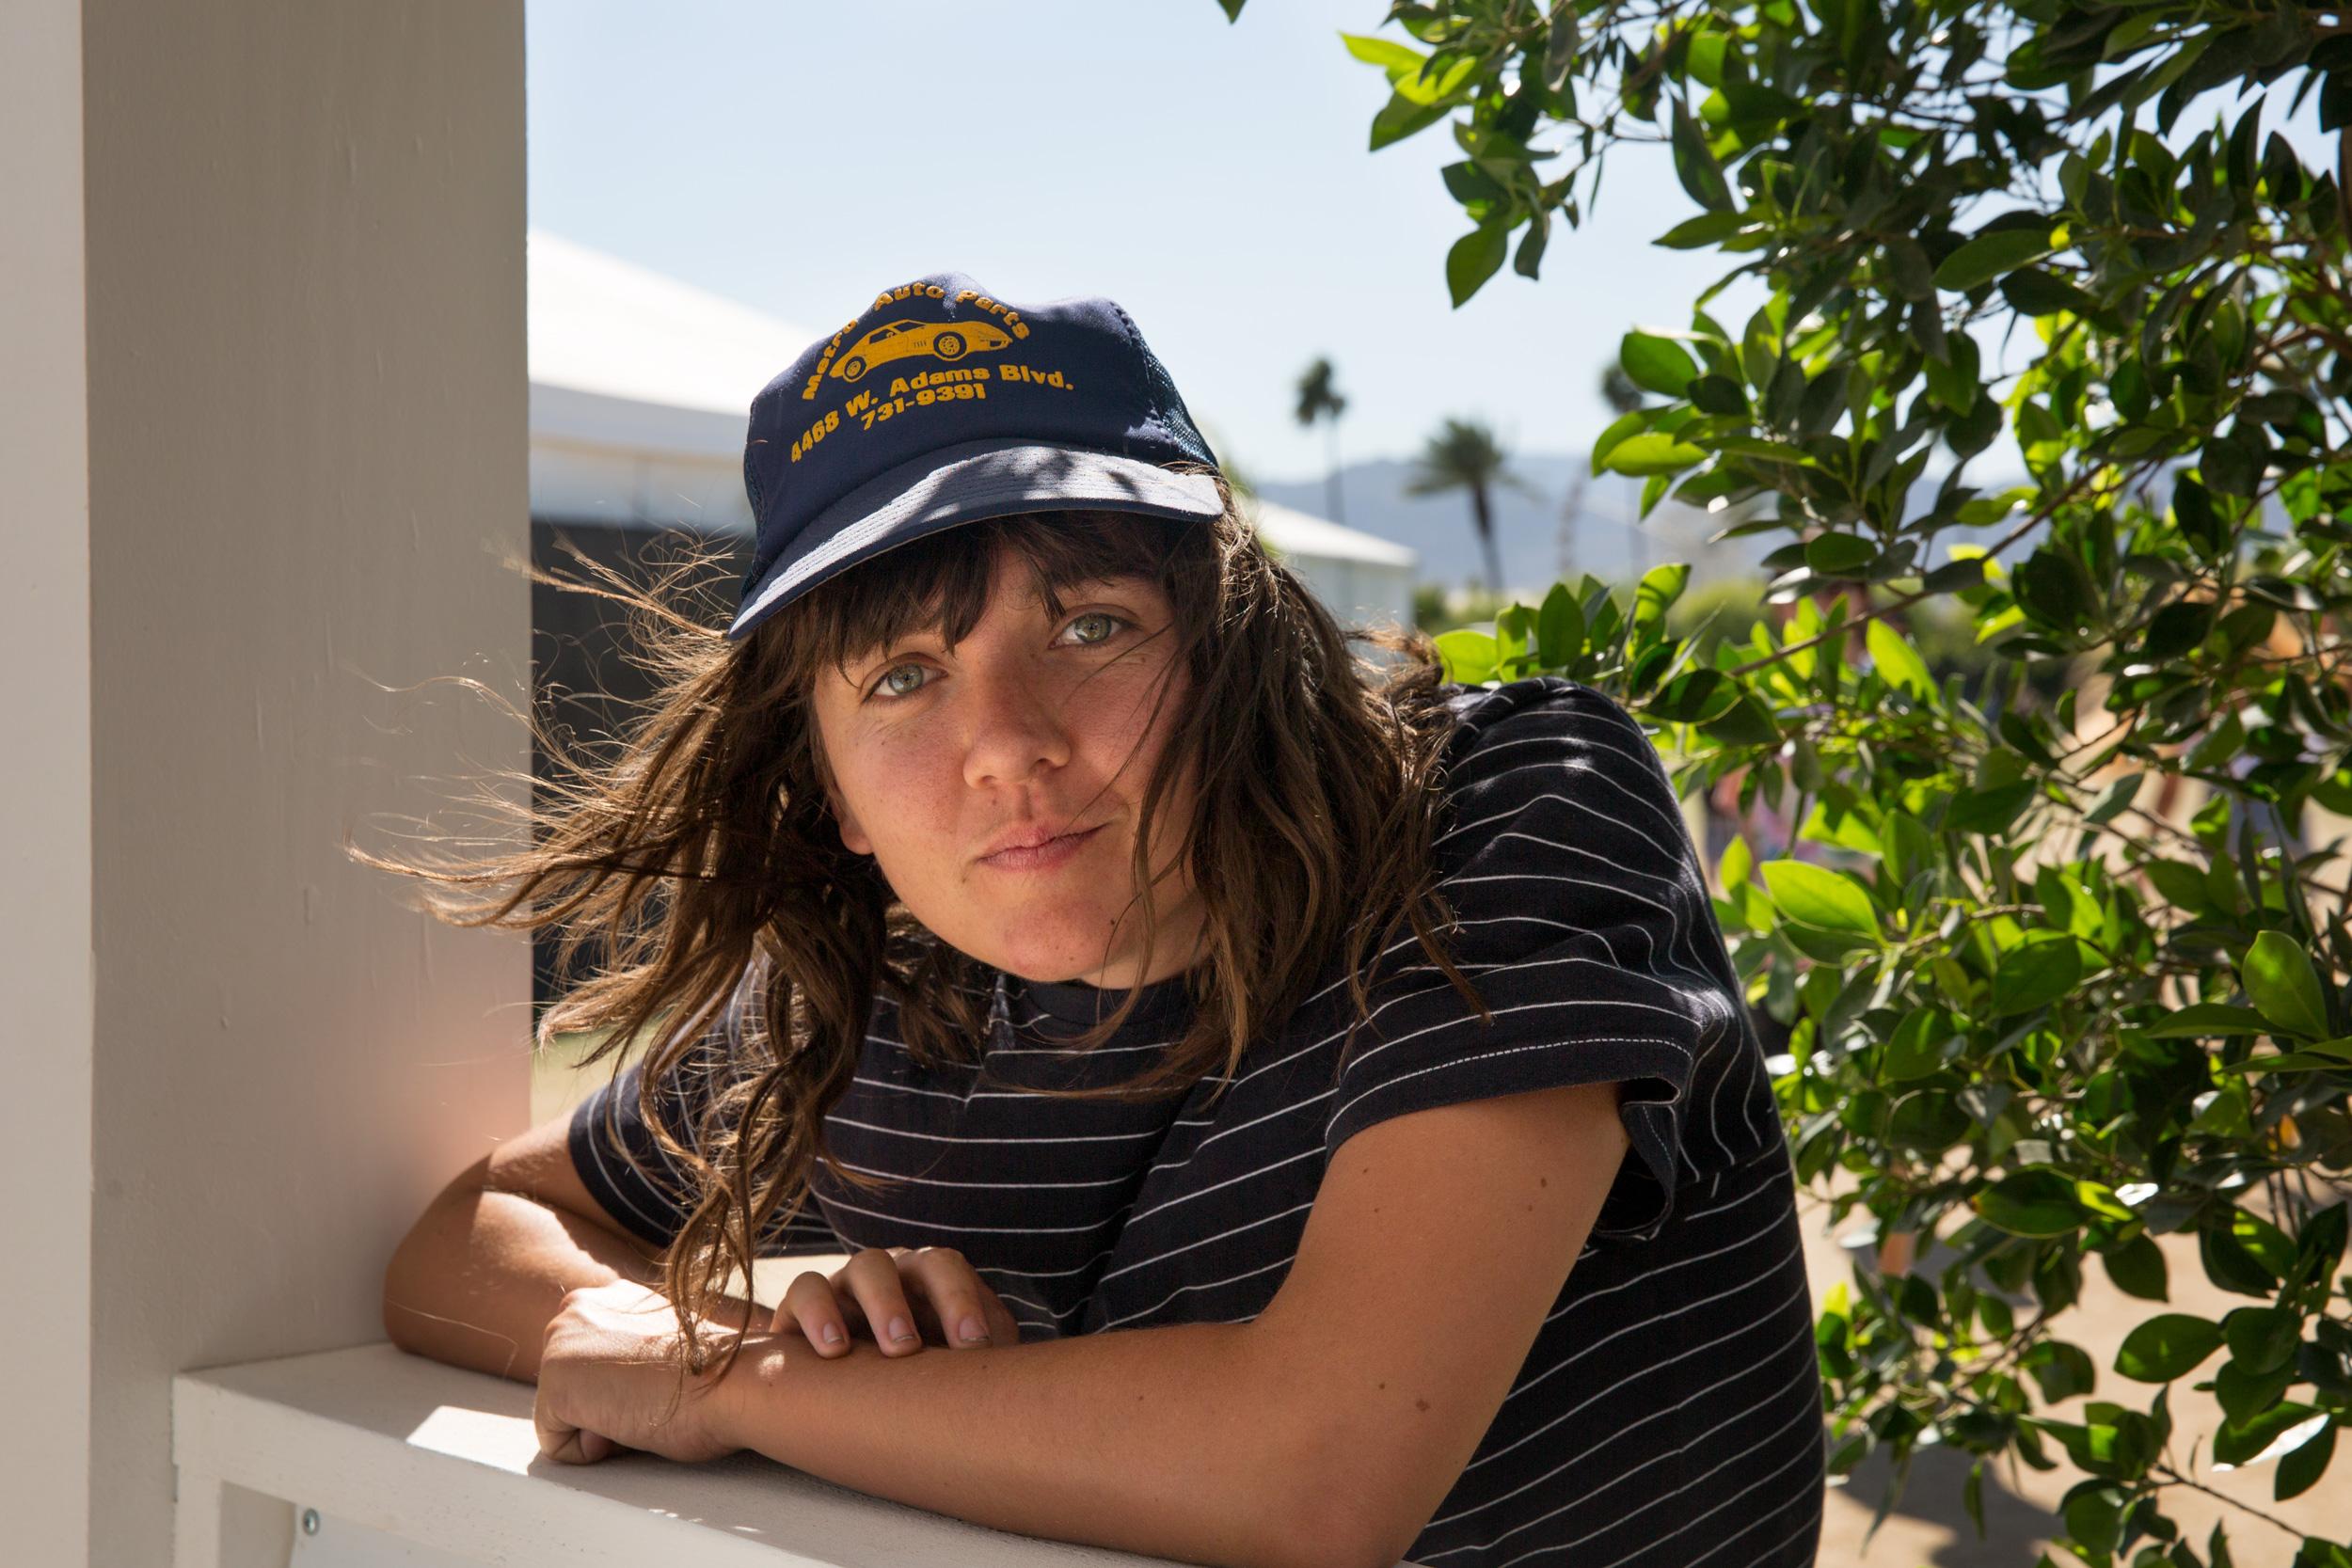 Australian singer-songwriter Courtney Barnett got her hat for Coachella at a thrift store in Pomona, Calif.